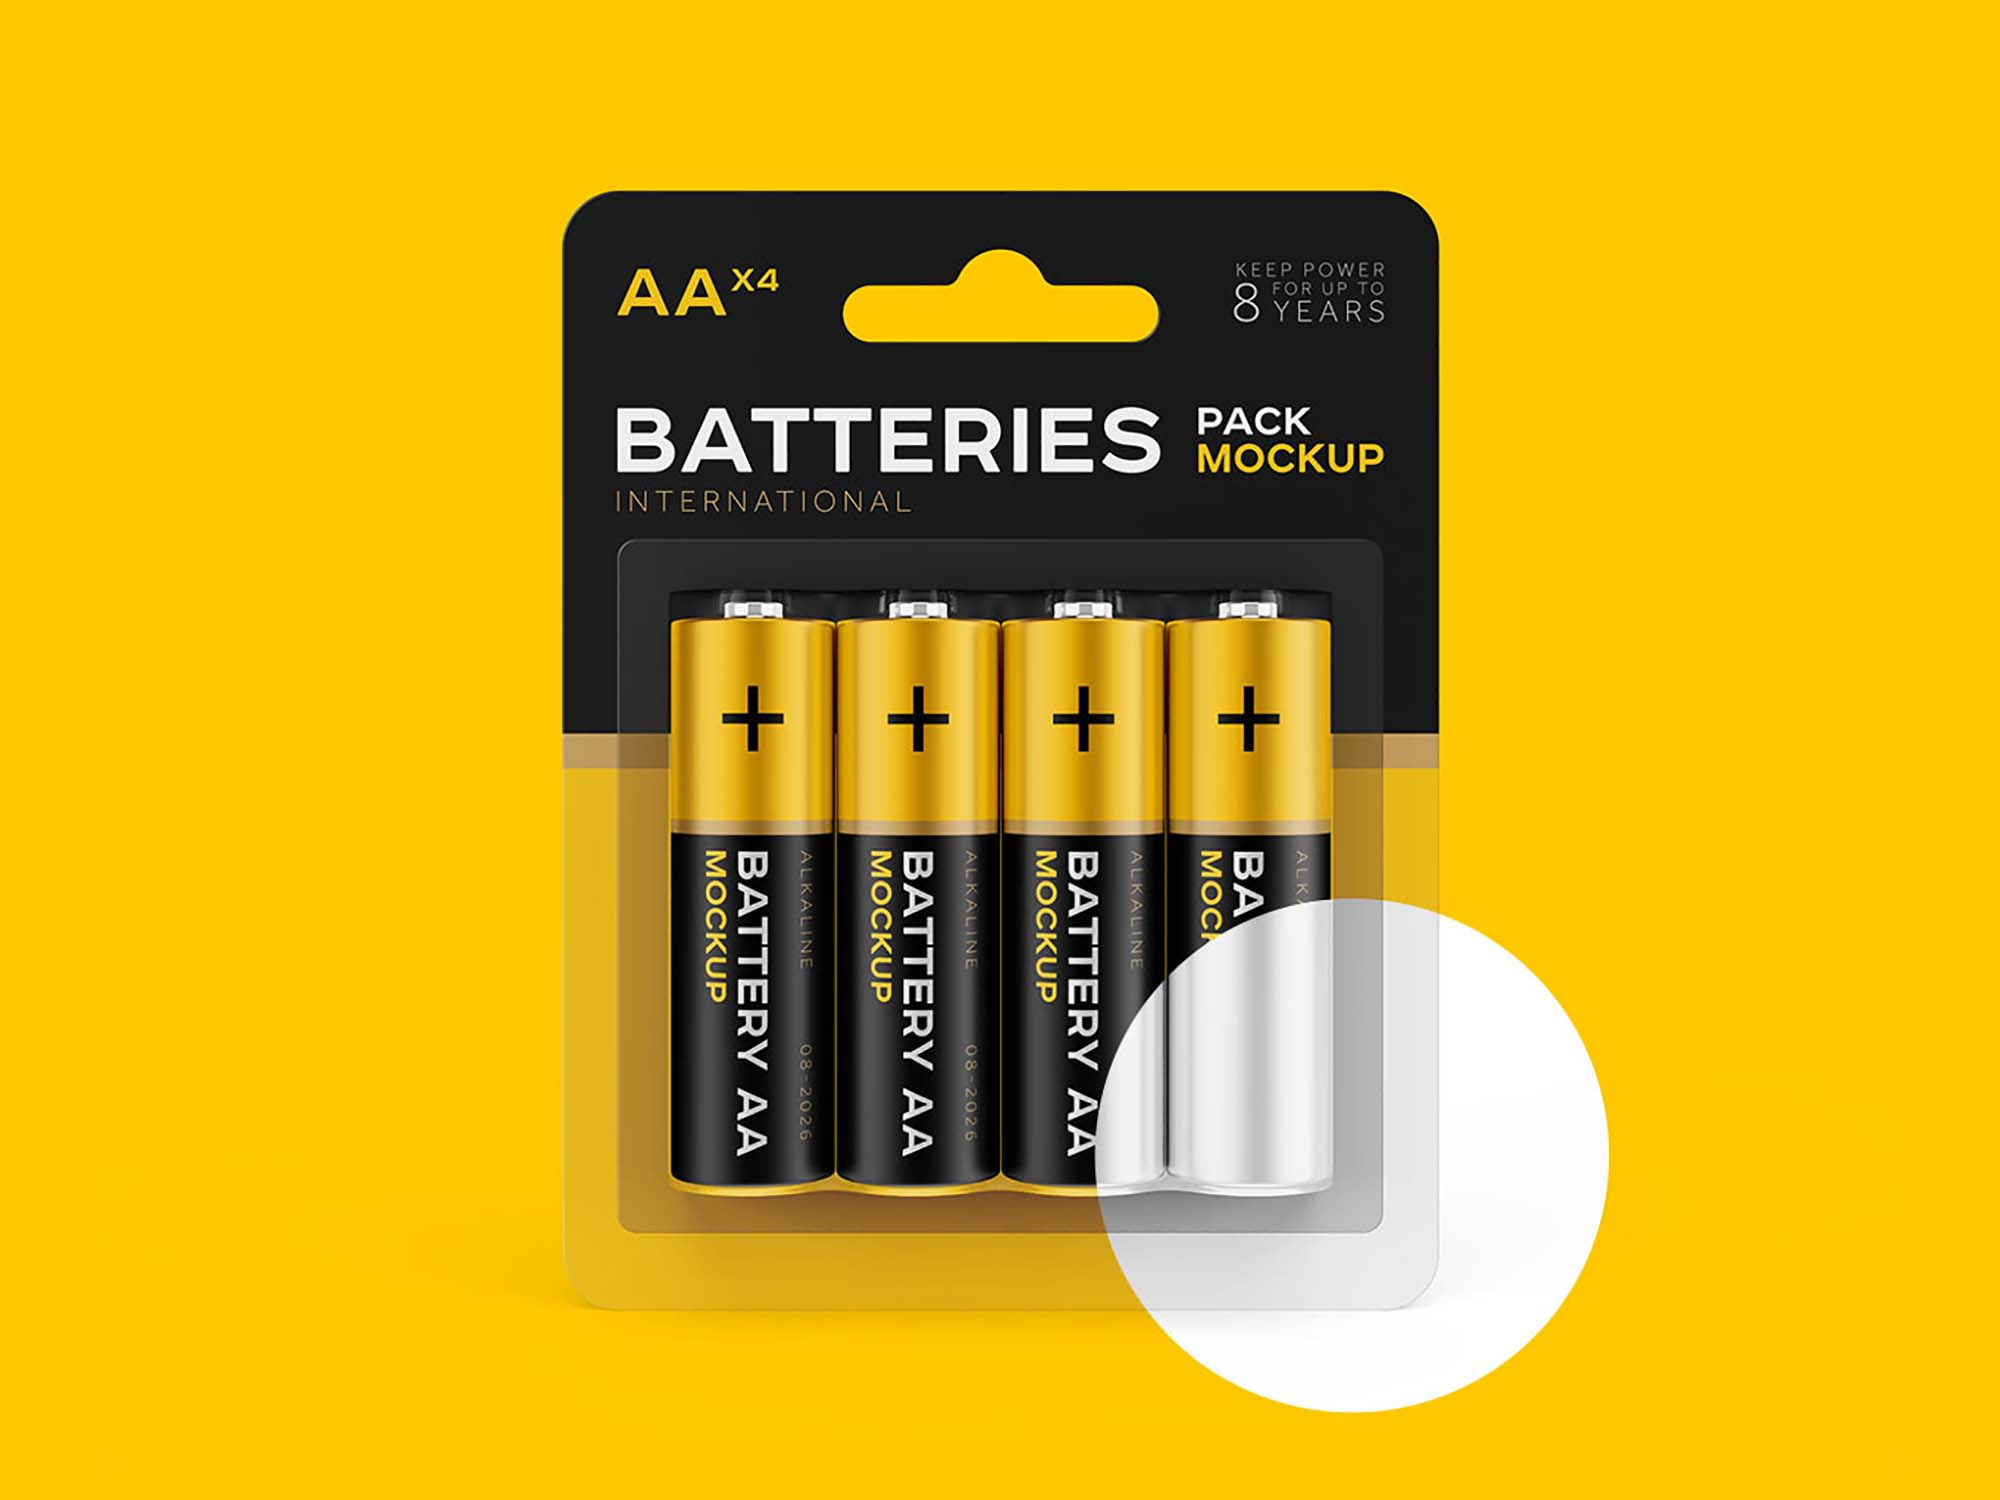 AA Battery Mockup